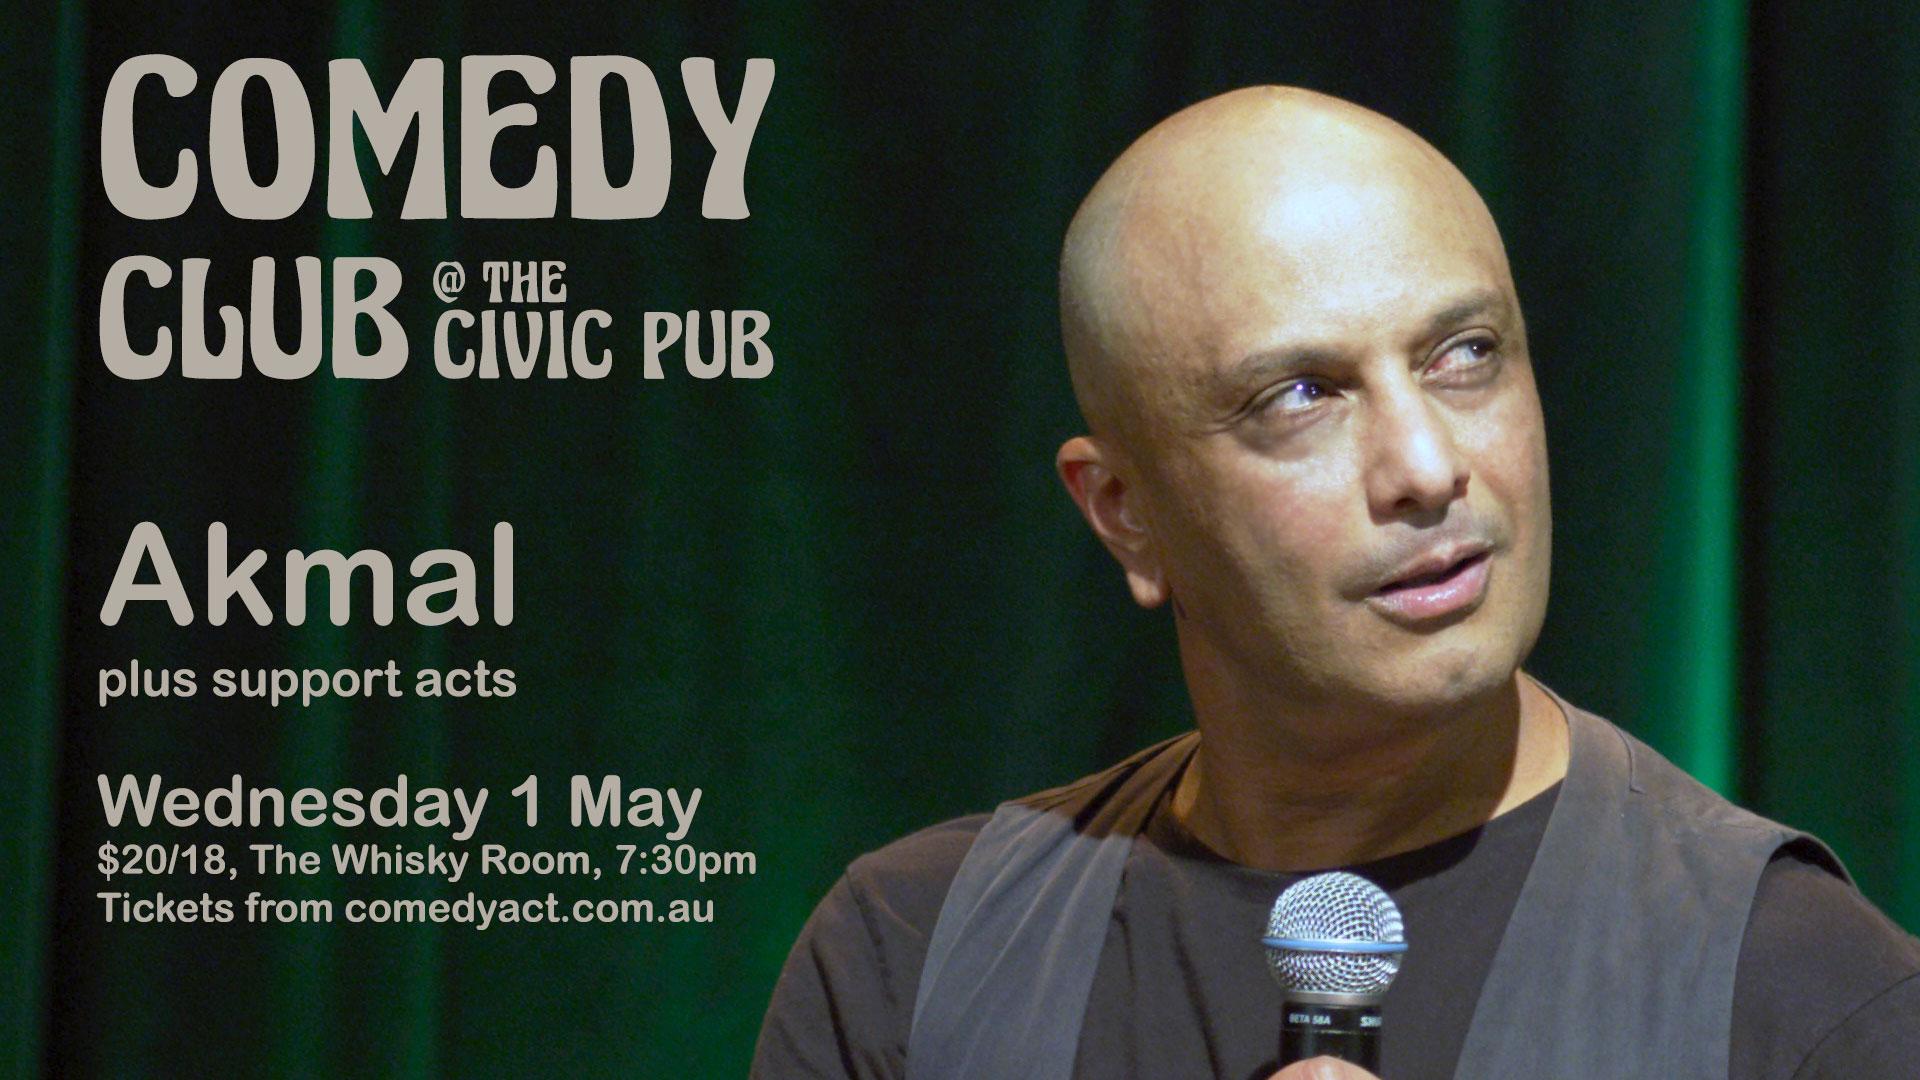 1920x1080_ComedyClub-Akmal